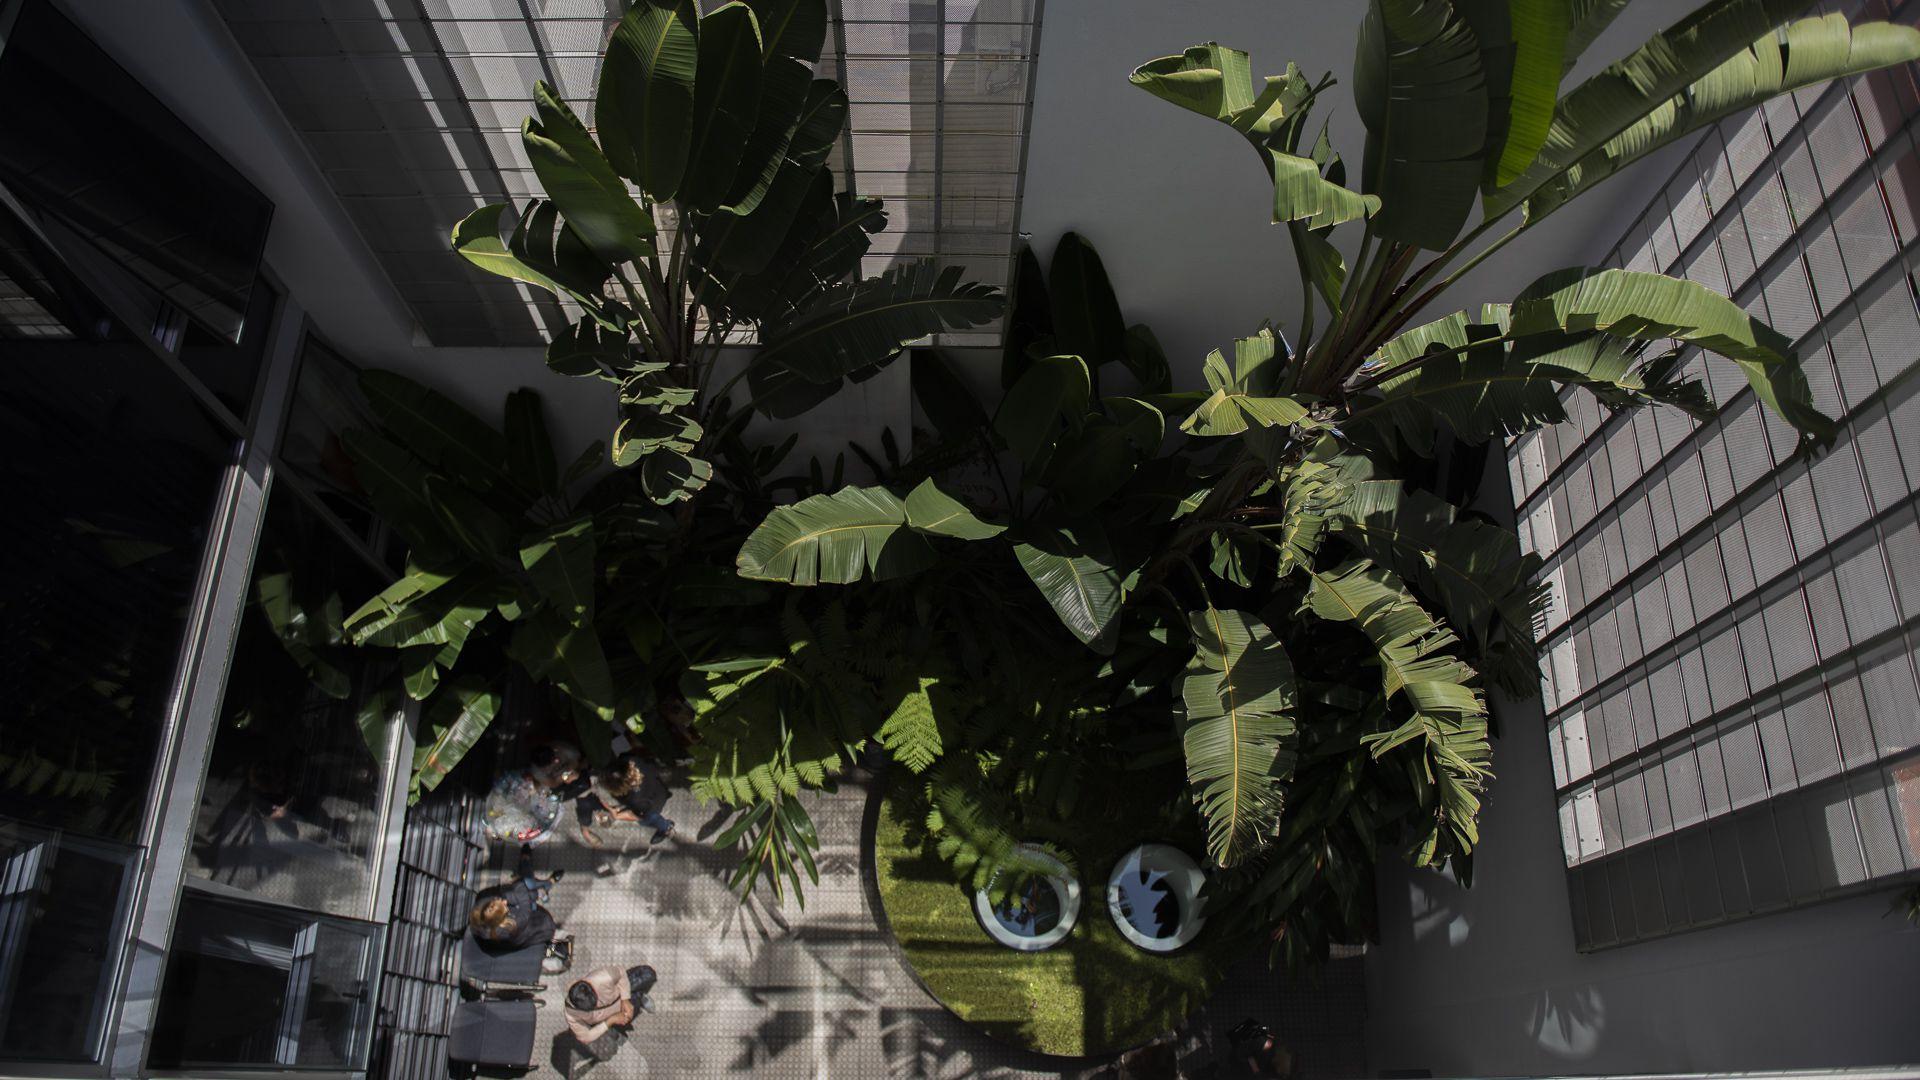 Las plantas permitieron el programa y el código, agrupando servicios, reduciendo circulaciones y trabajando con el diseño estructural (Adrián Escandar)